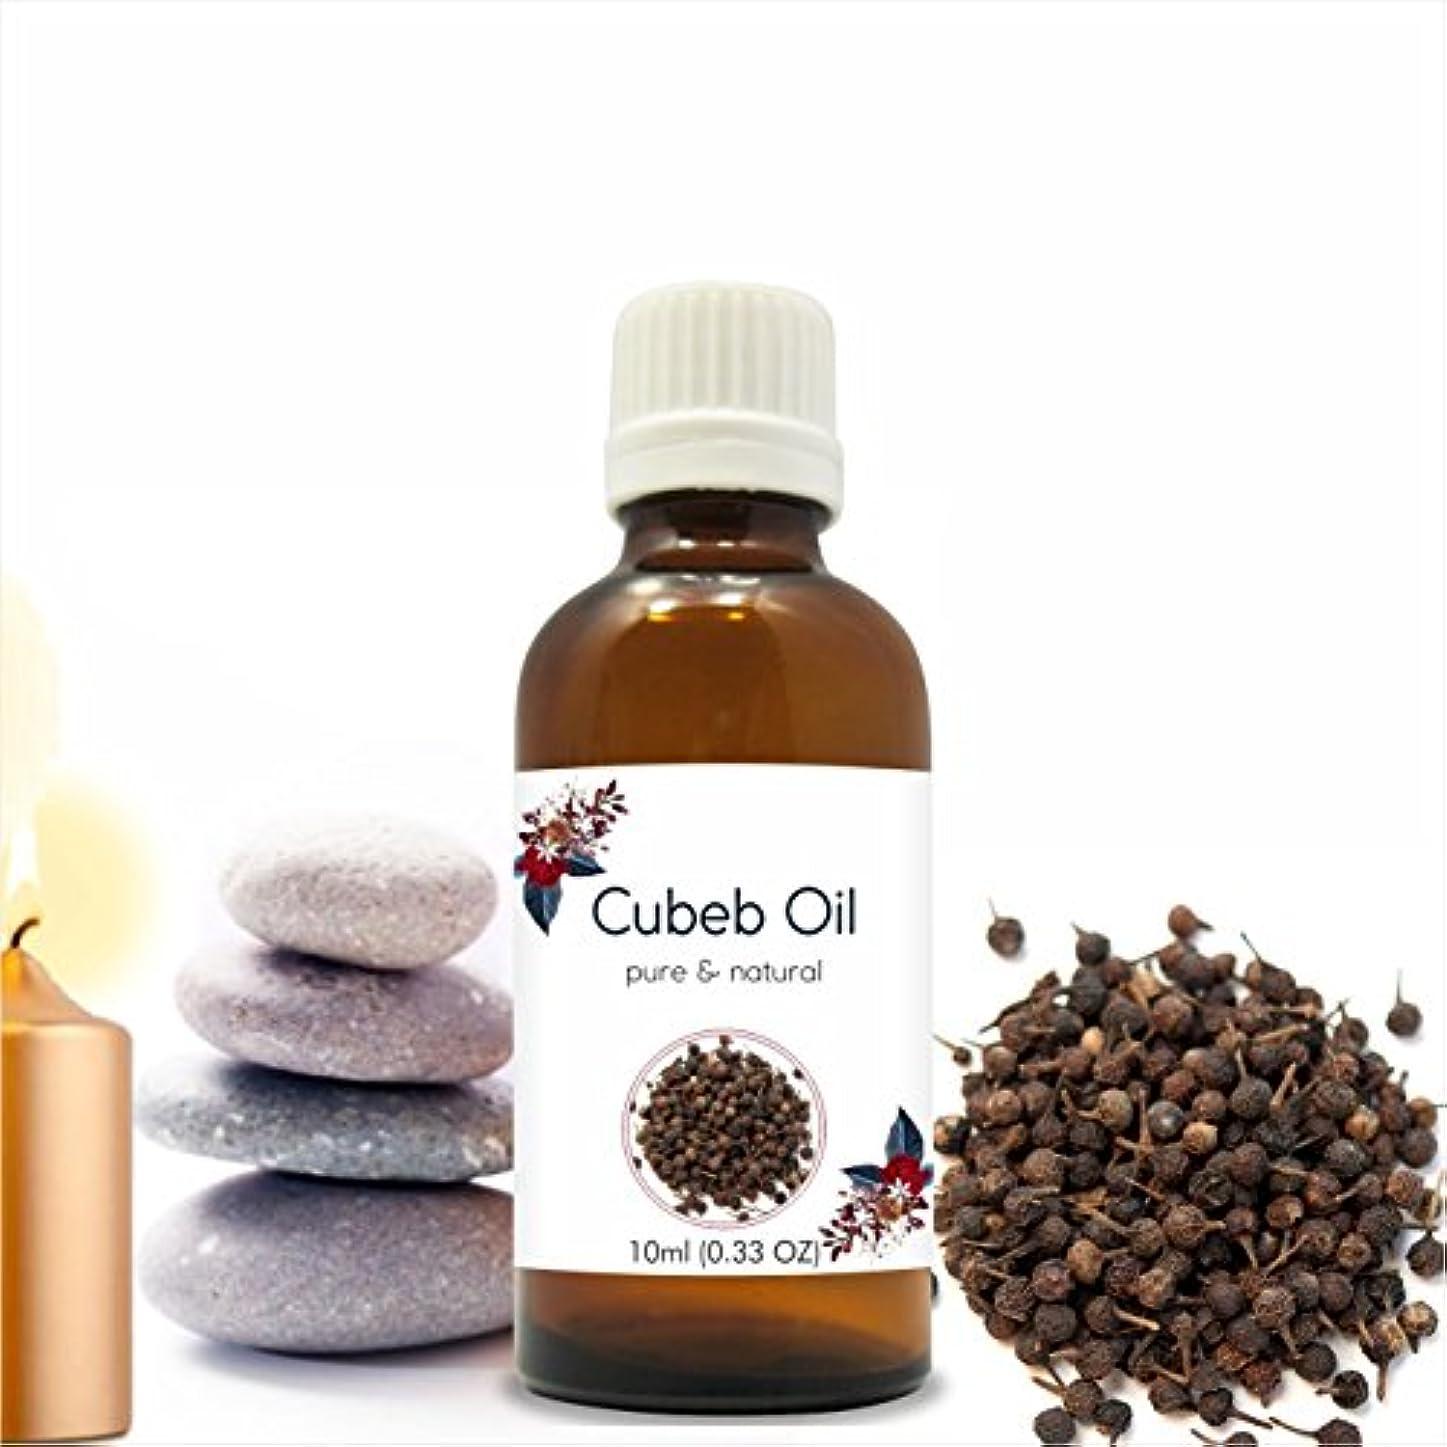 シネウィ入場料改革Cubeb Oil(Piper Cubeba) Essential Oil 10 ml or 0.33 Fl Oz by Blooming Alley